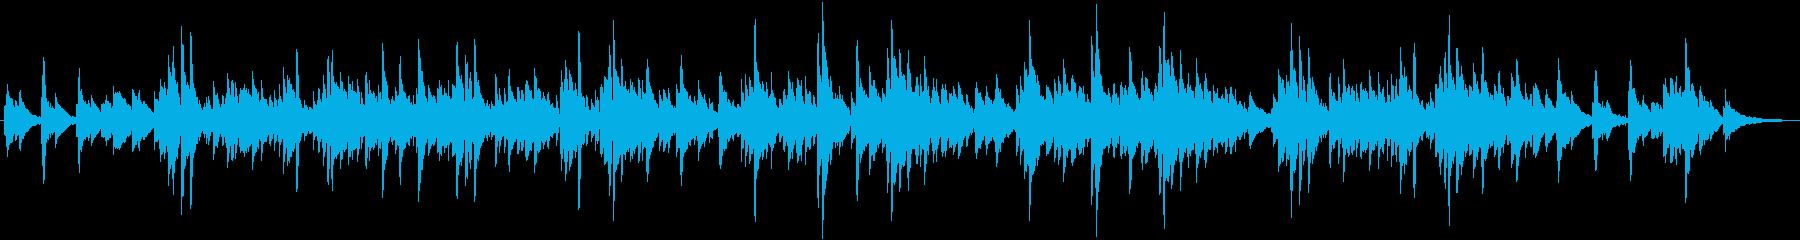 沖縄風ヒーリング曲をギターデュオ生演奏での再生済みの波形